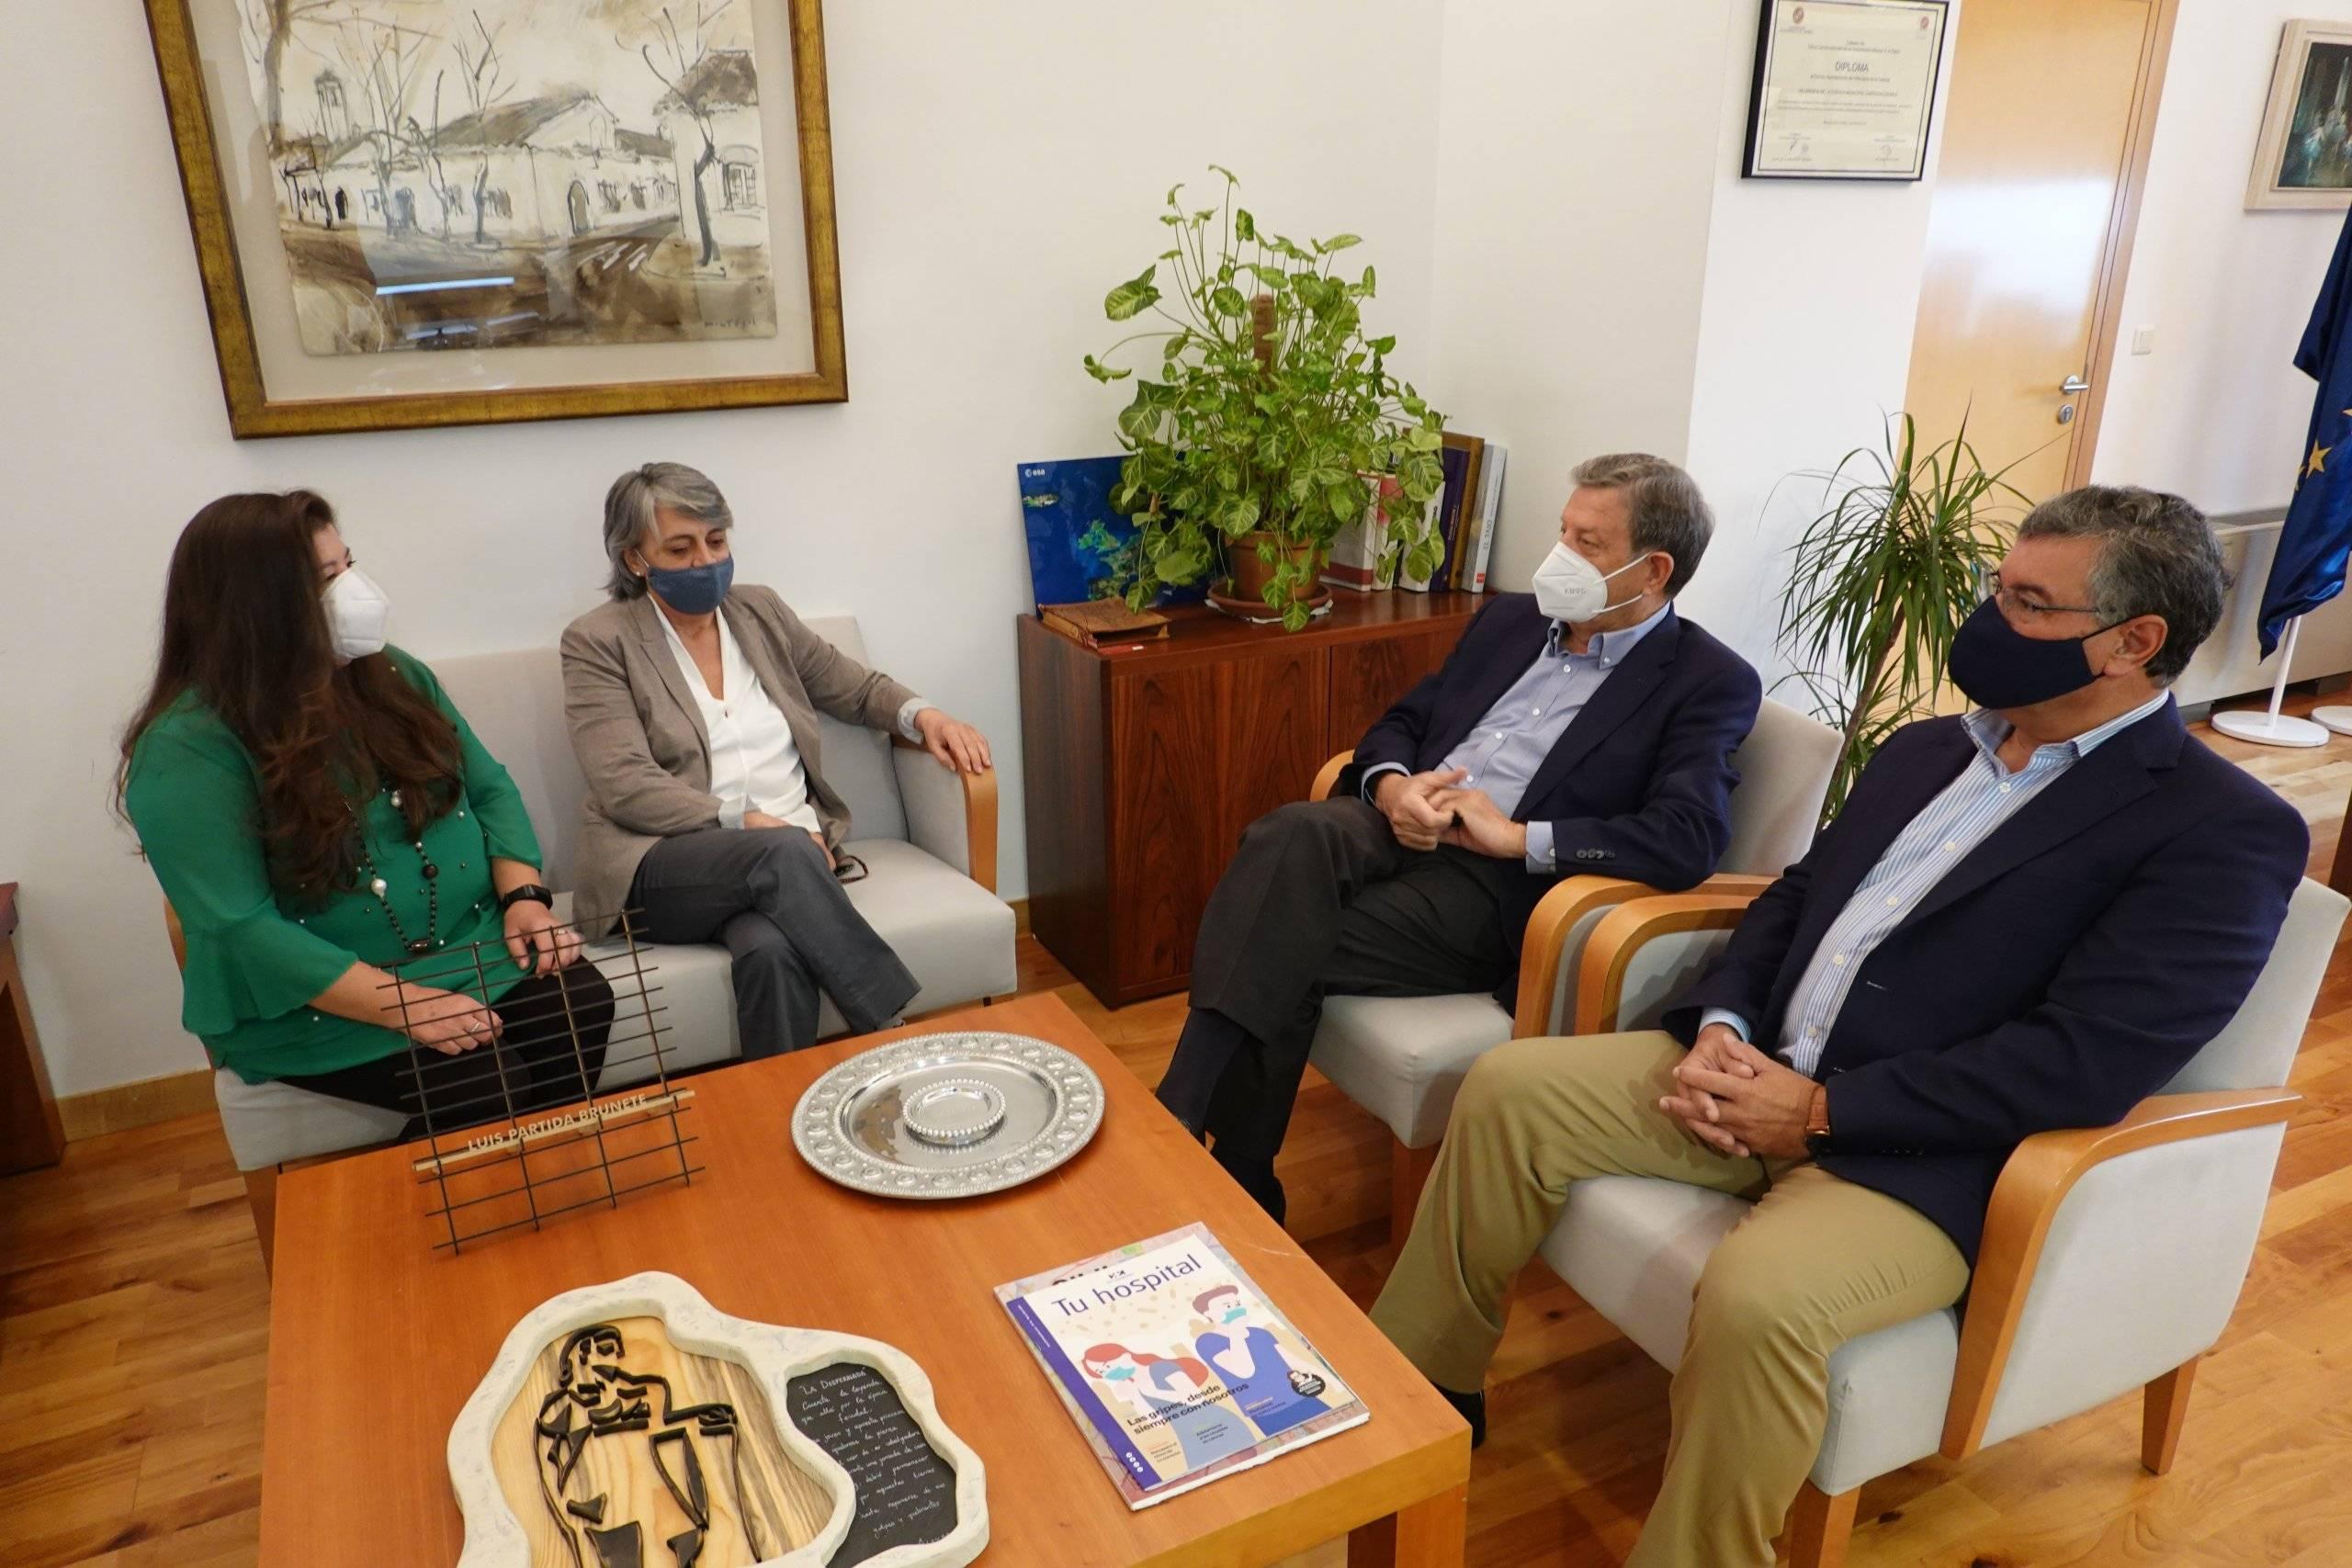 El alcalde, Luis Partida, la presidenta de ARDO, Lourdes Gazulla, la secretaria de ARDO, Patricia Perino, y el concejal de Desarrollo Local, Juan Miguel Gómez.